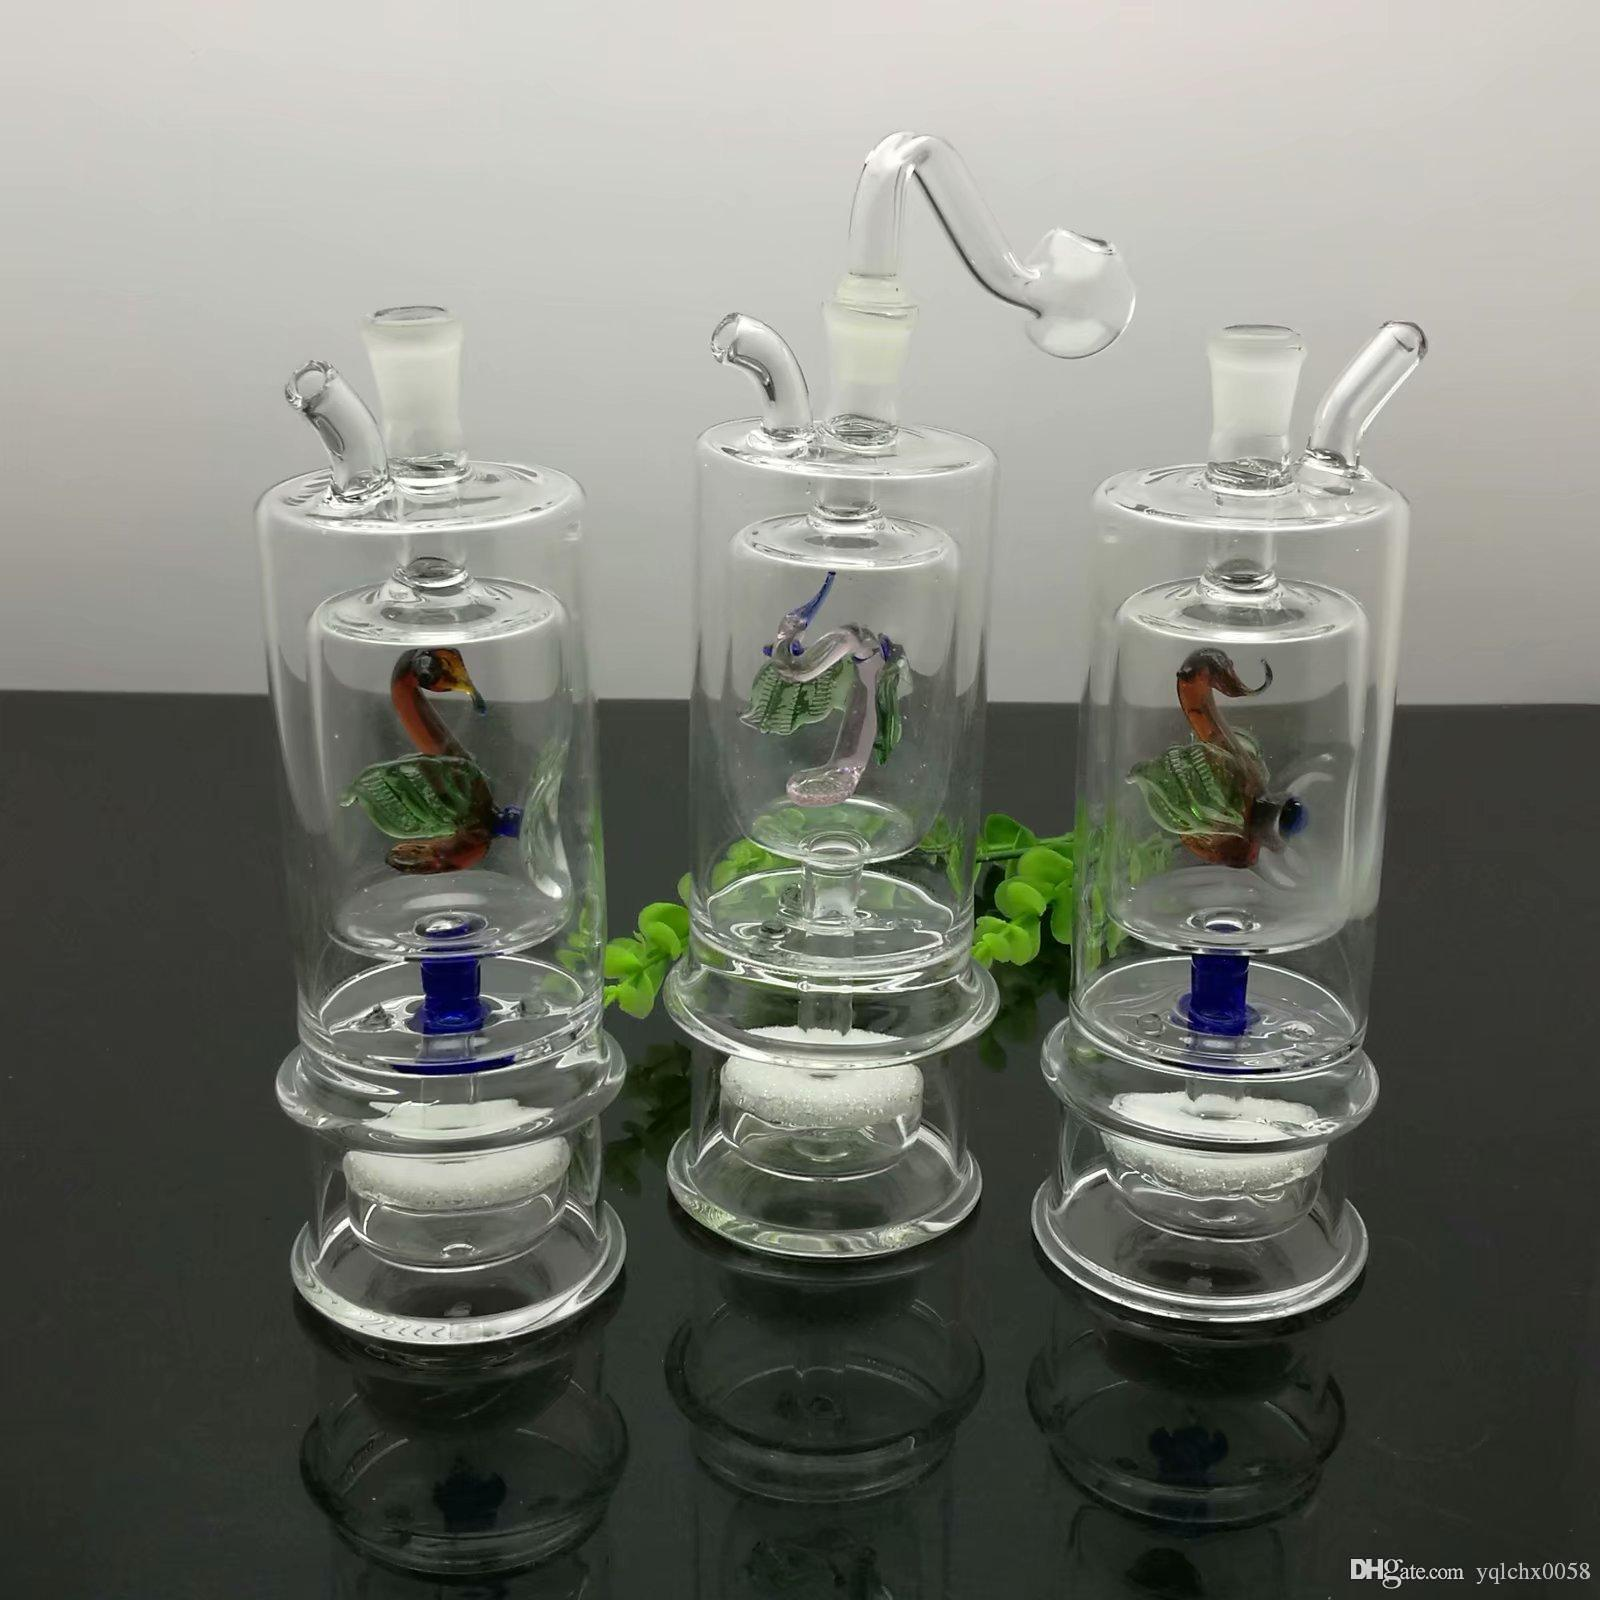 Классический утенок двухэтажный сепаратор стекло немой фильтрации воды табак бутылки оптом стеклянные бонги масляная горелка стекло водопроводные трубы нефтяная вышка